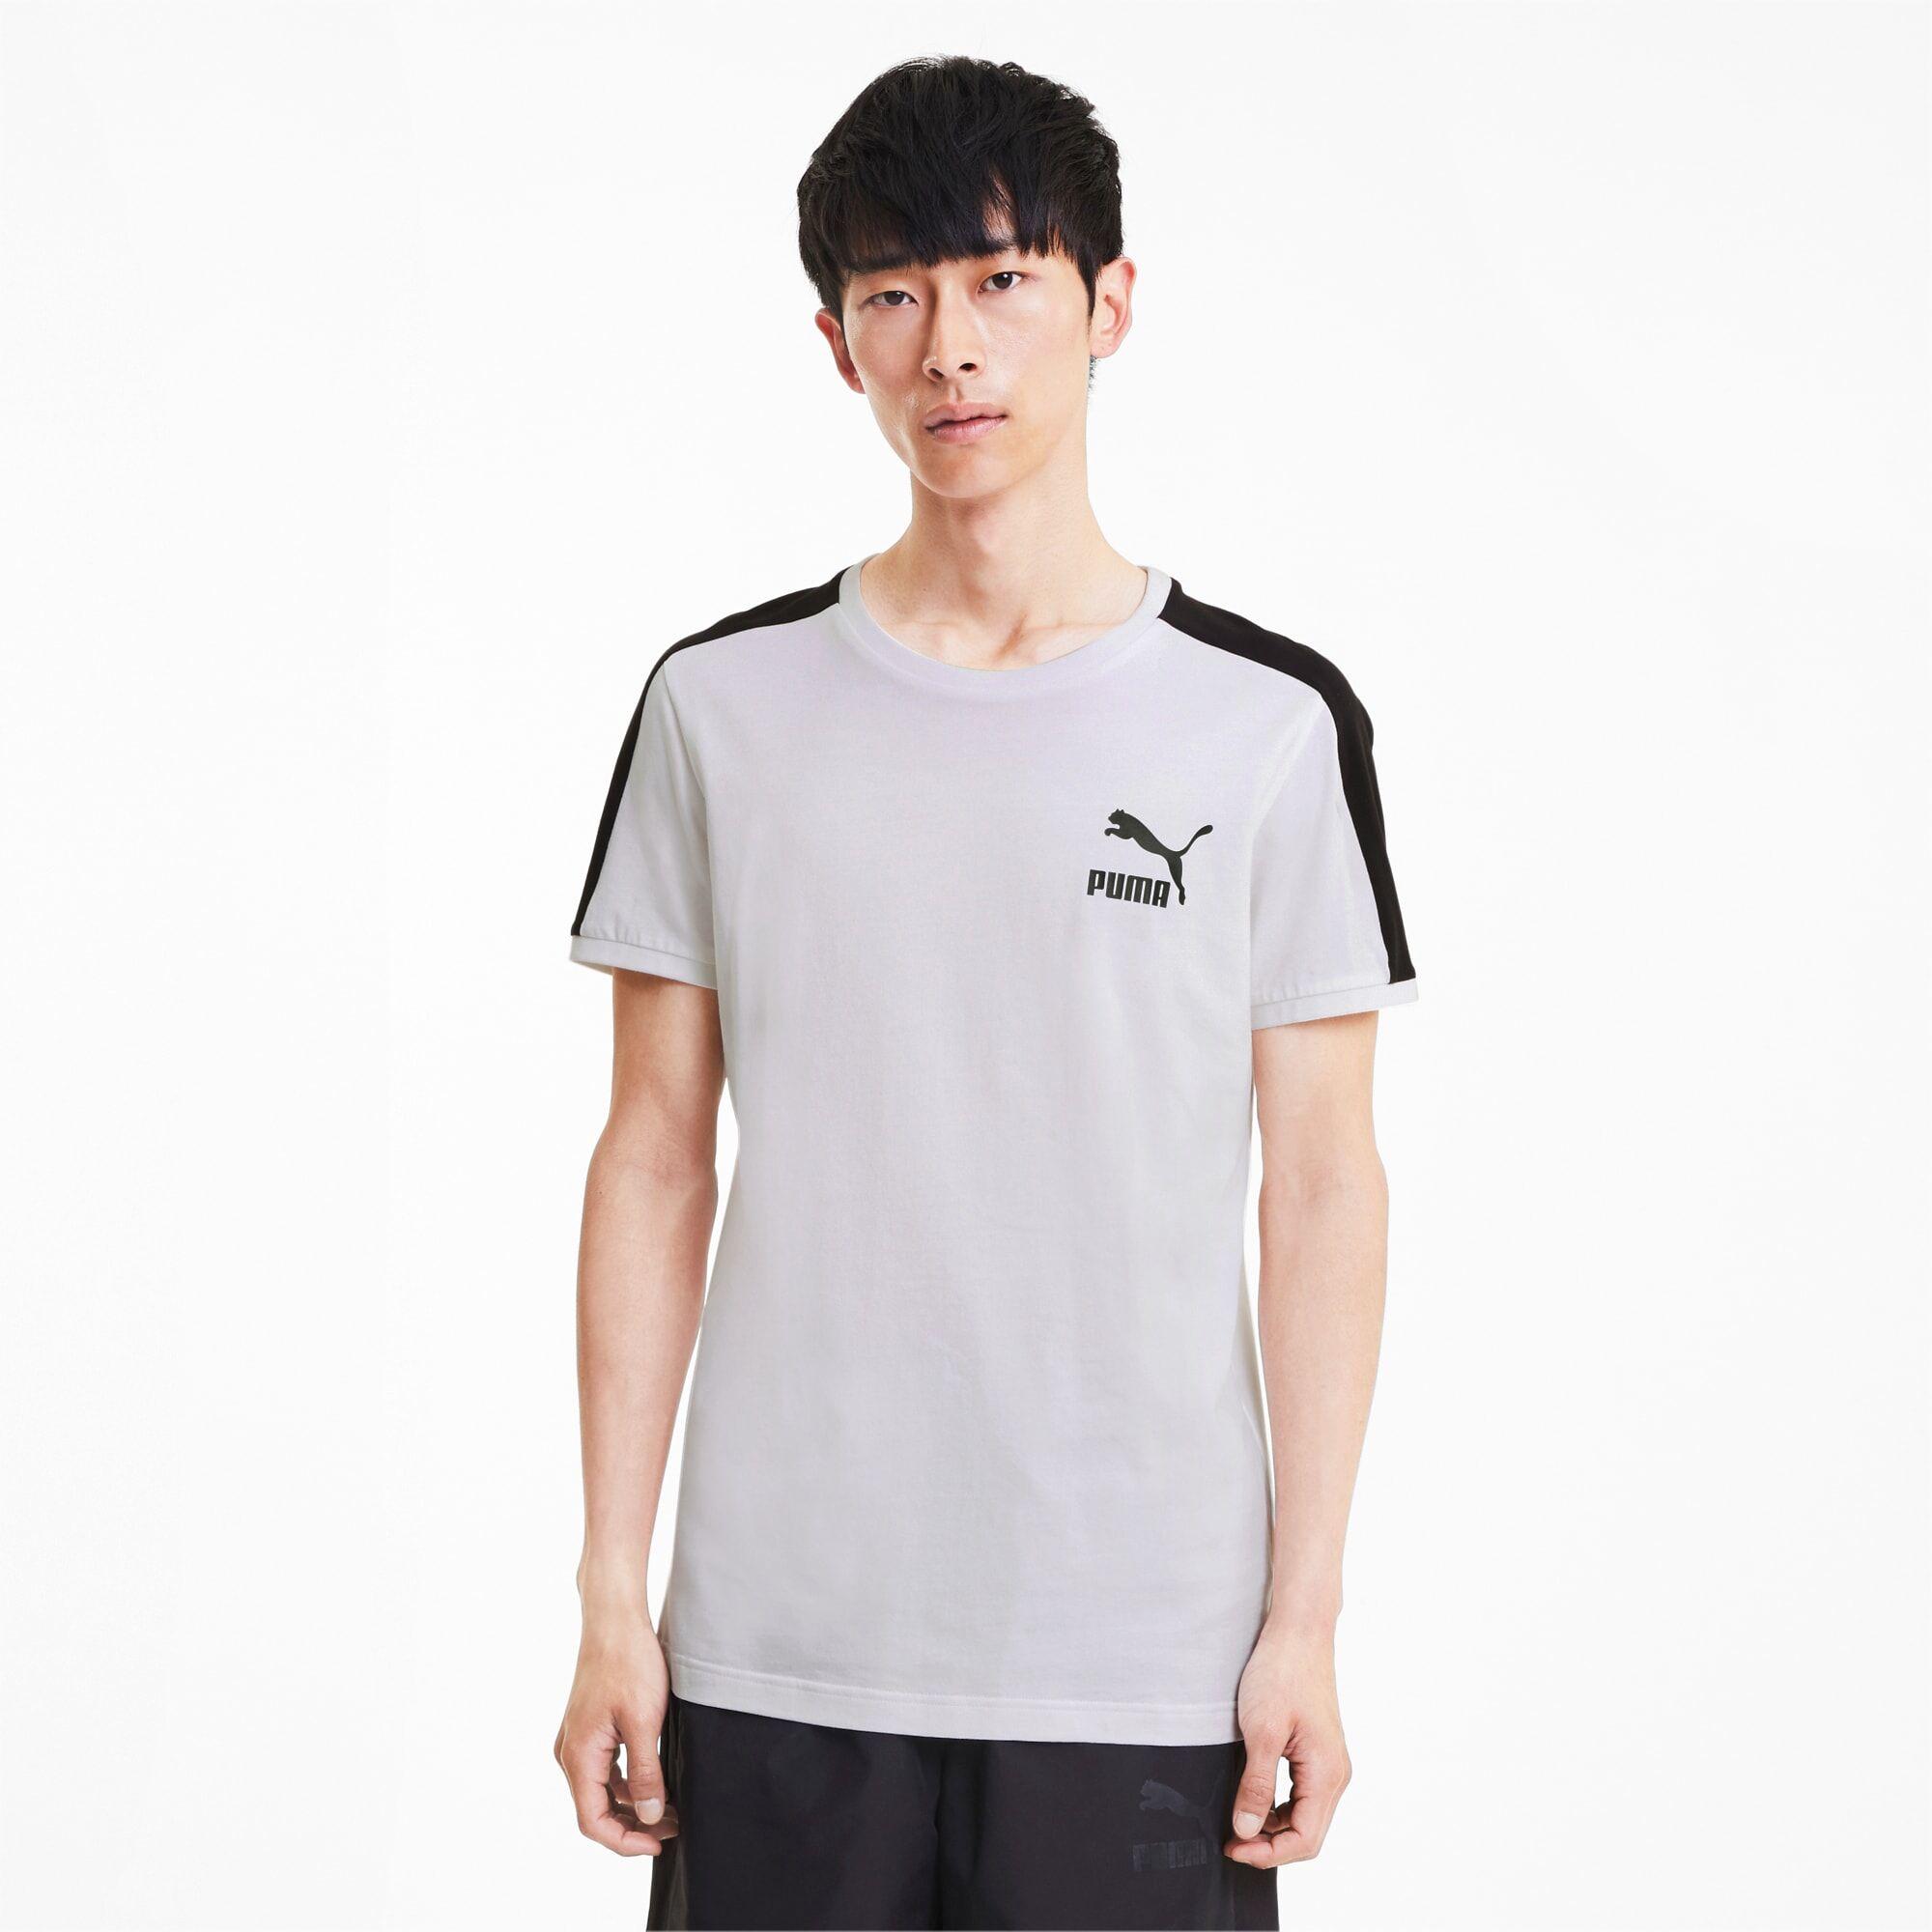 PUMA T-Shirt Iconic T7 Slim pour Homme, Blanc, Taille XXL, Vêtements